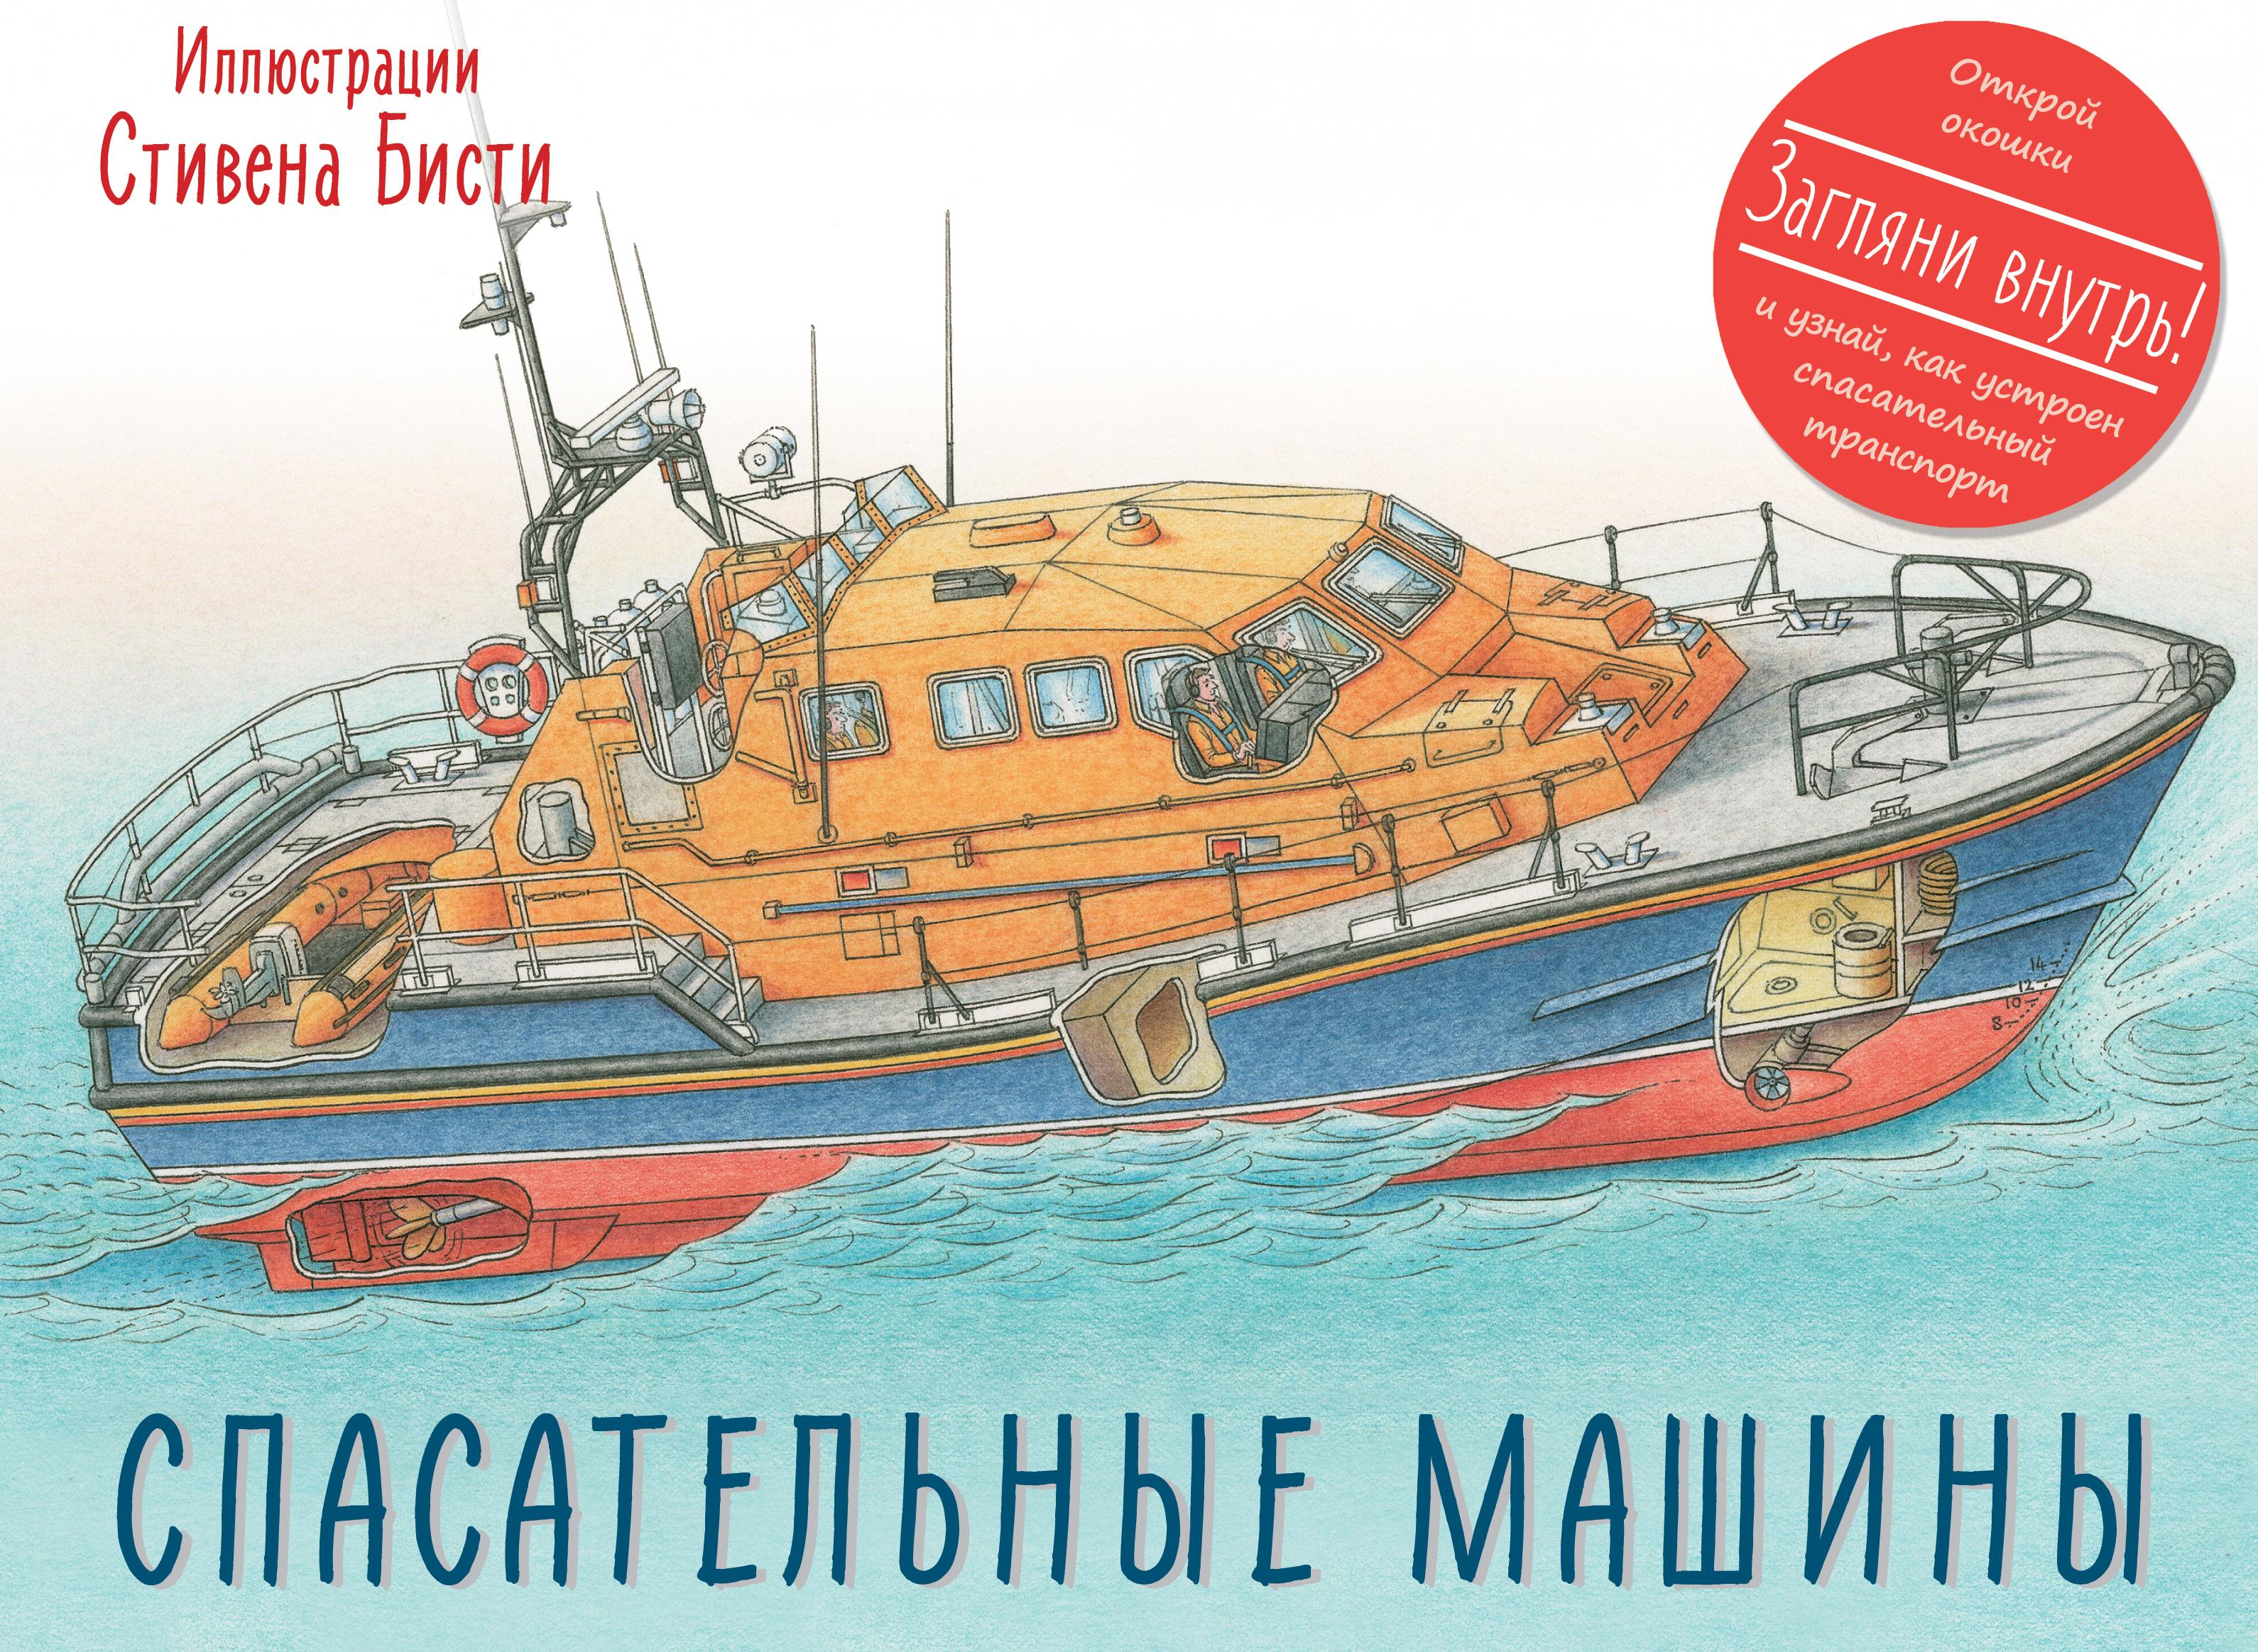 Спасательные машины